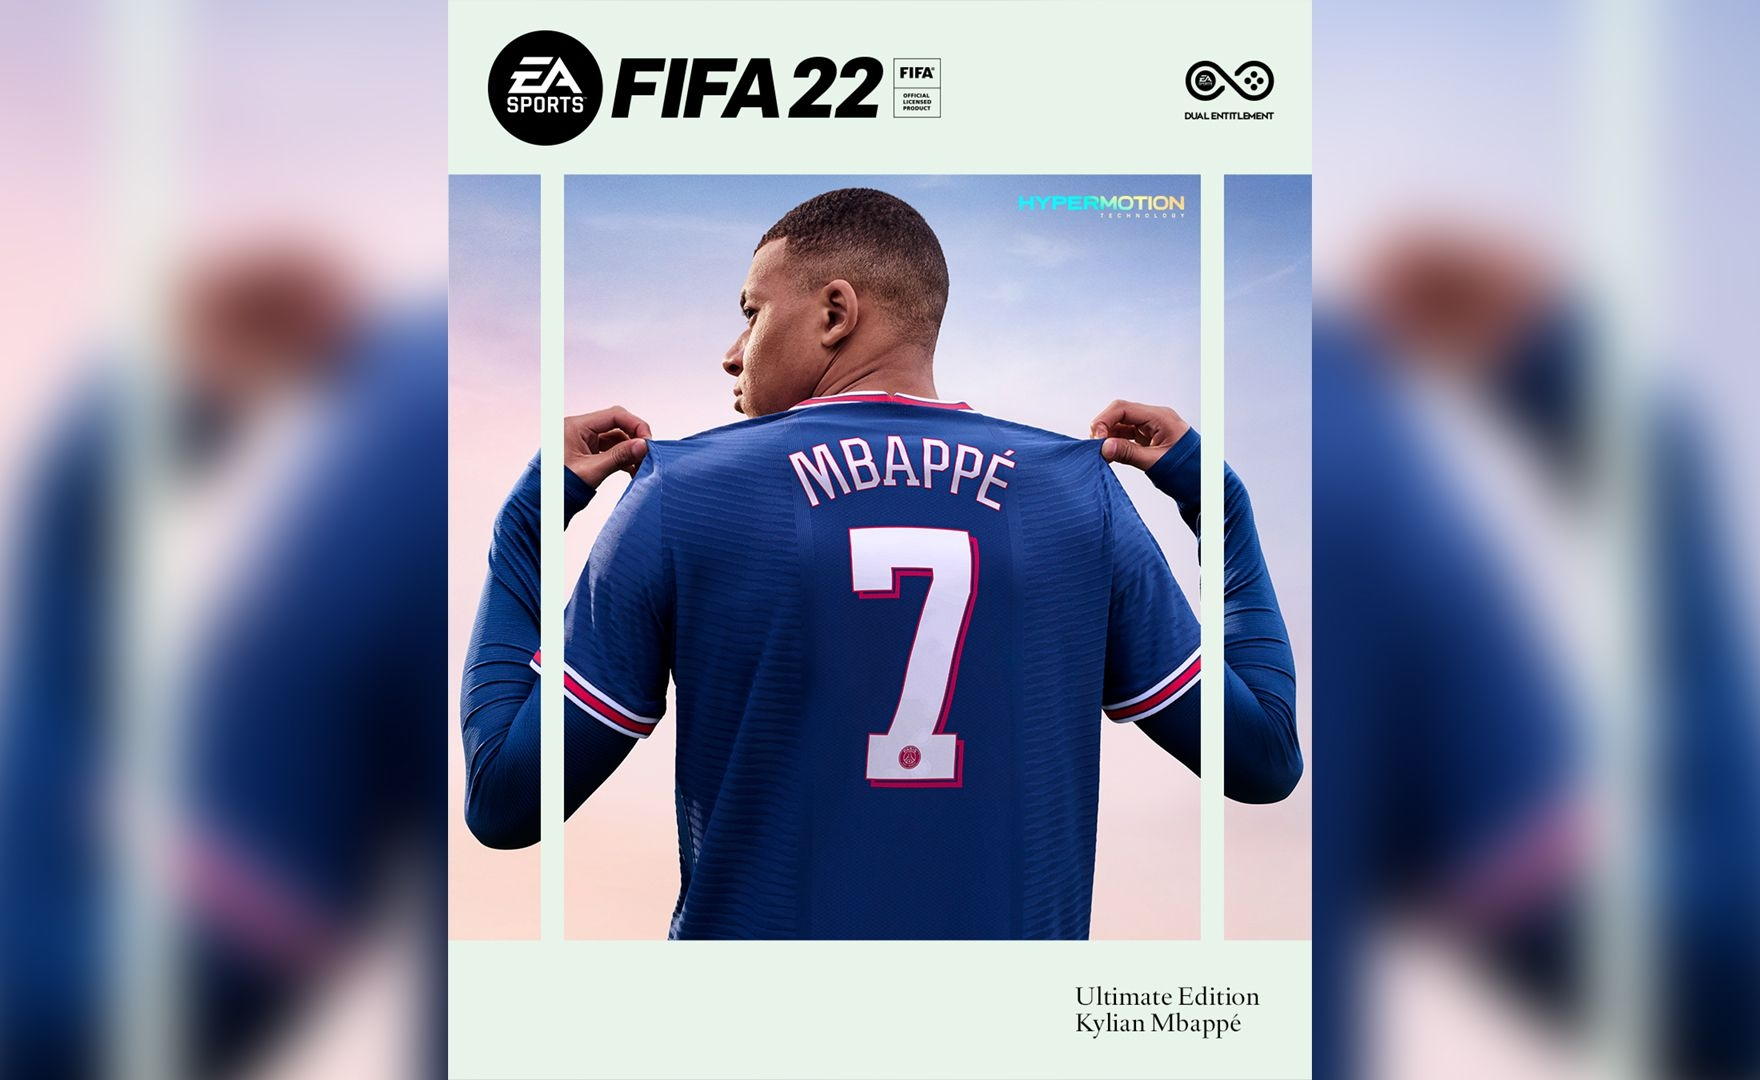 FIFA 22 ufficiale, ecco il primo trailer!